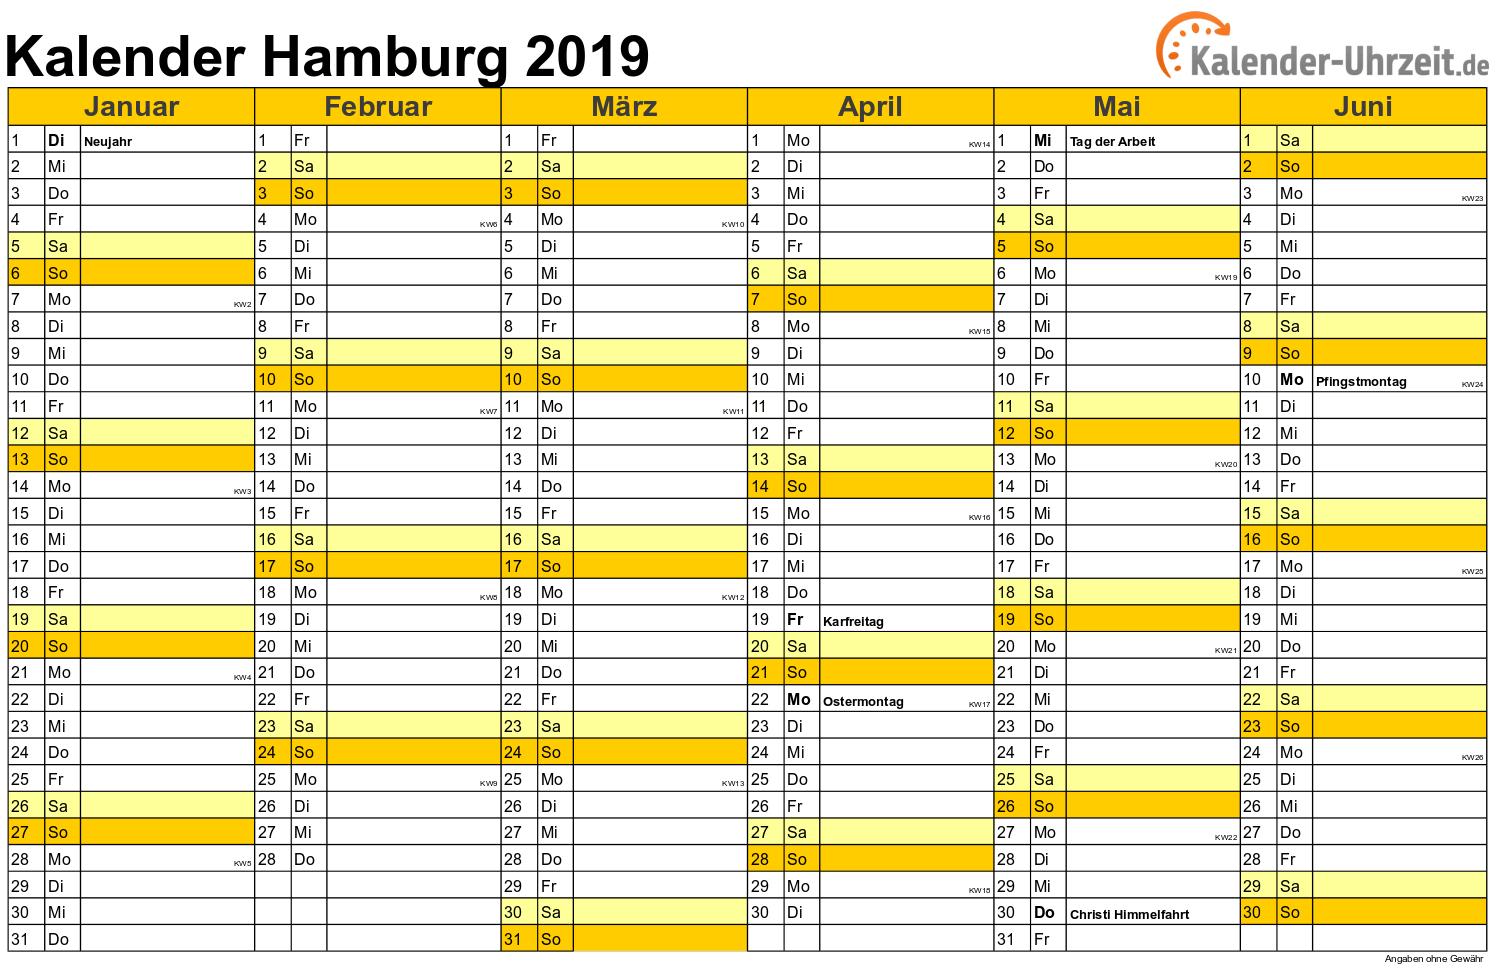 Speed dating hamburg 2019